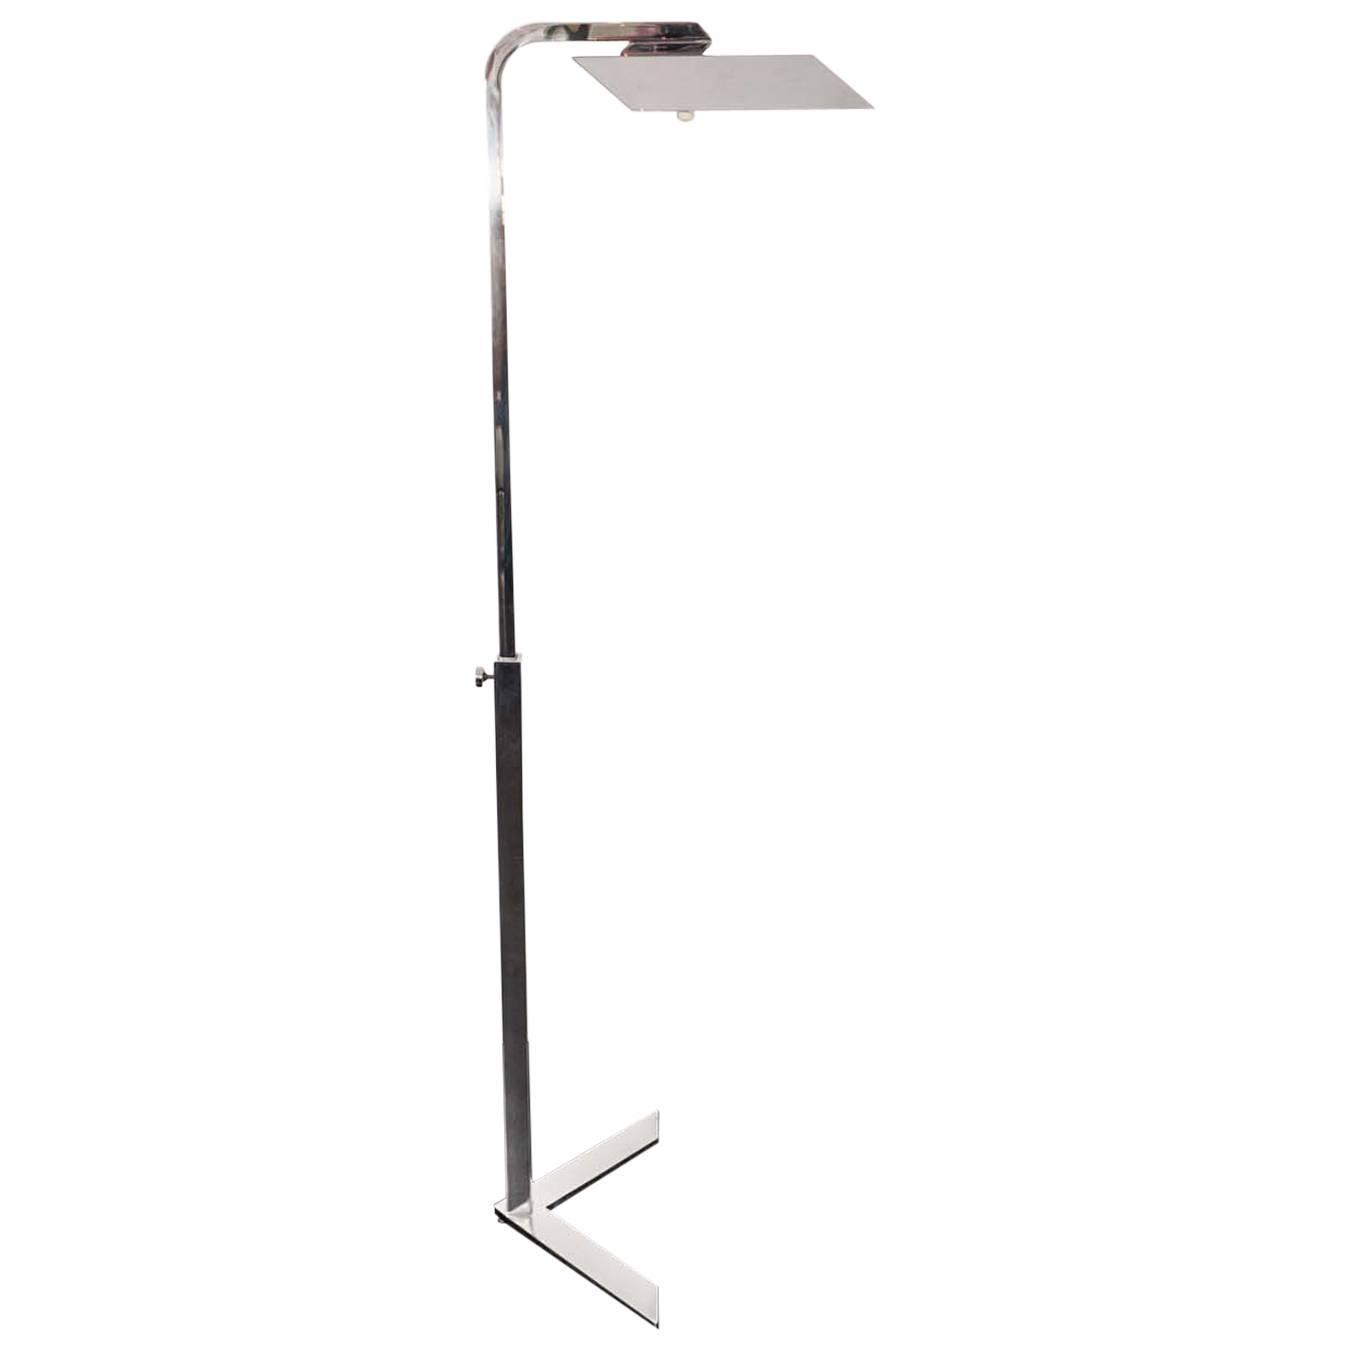 Italian chrome reading lamp for sale at 1stdibs for Lexington floor lamp chrome